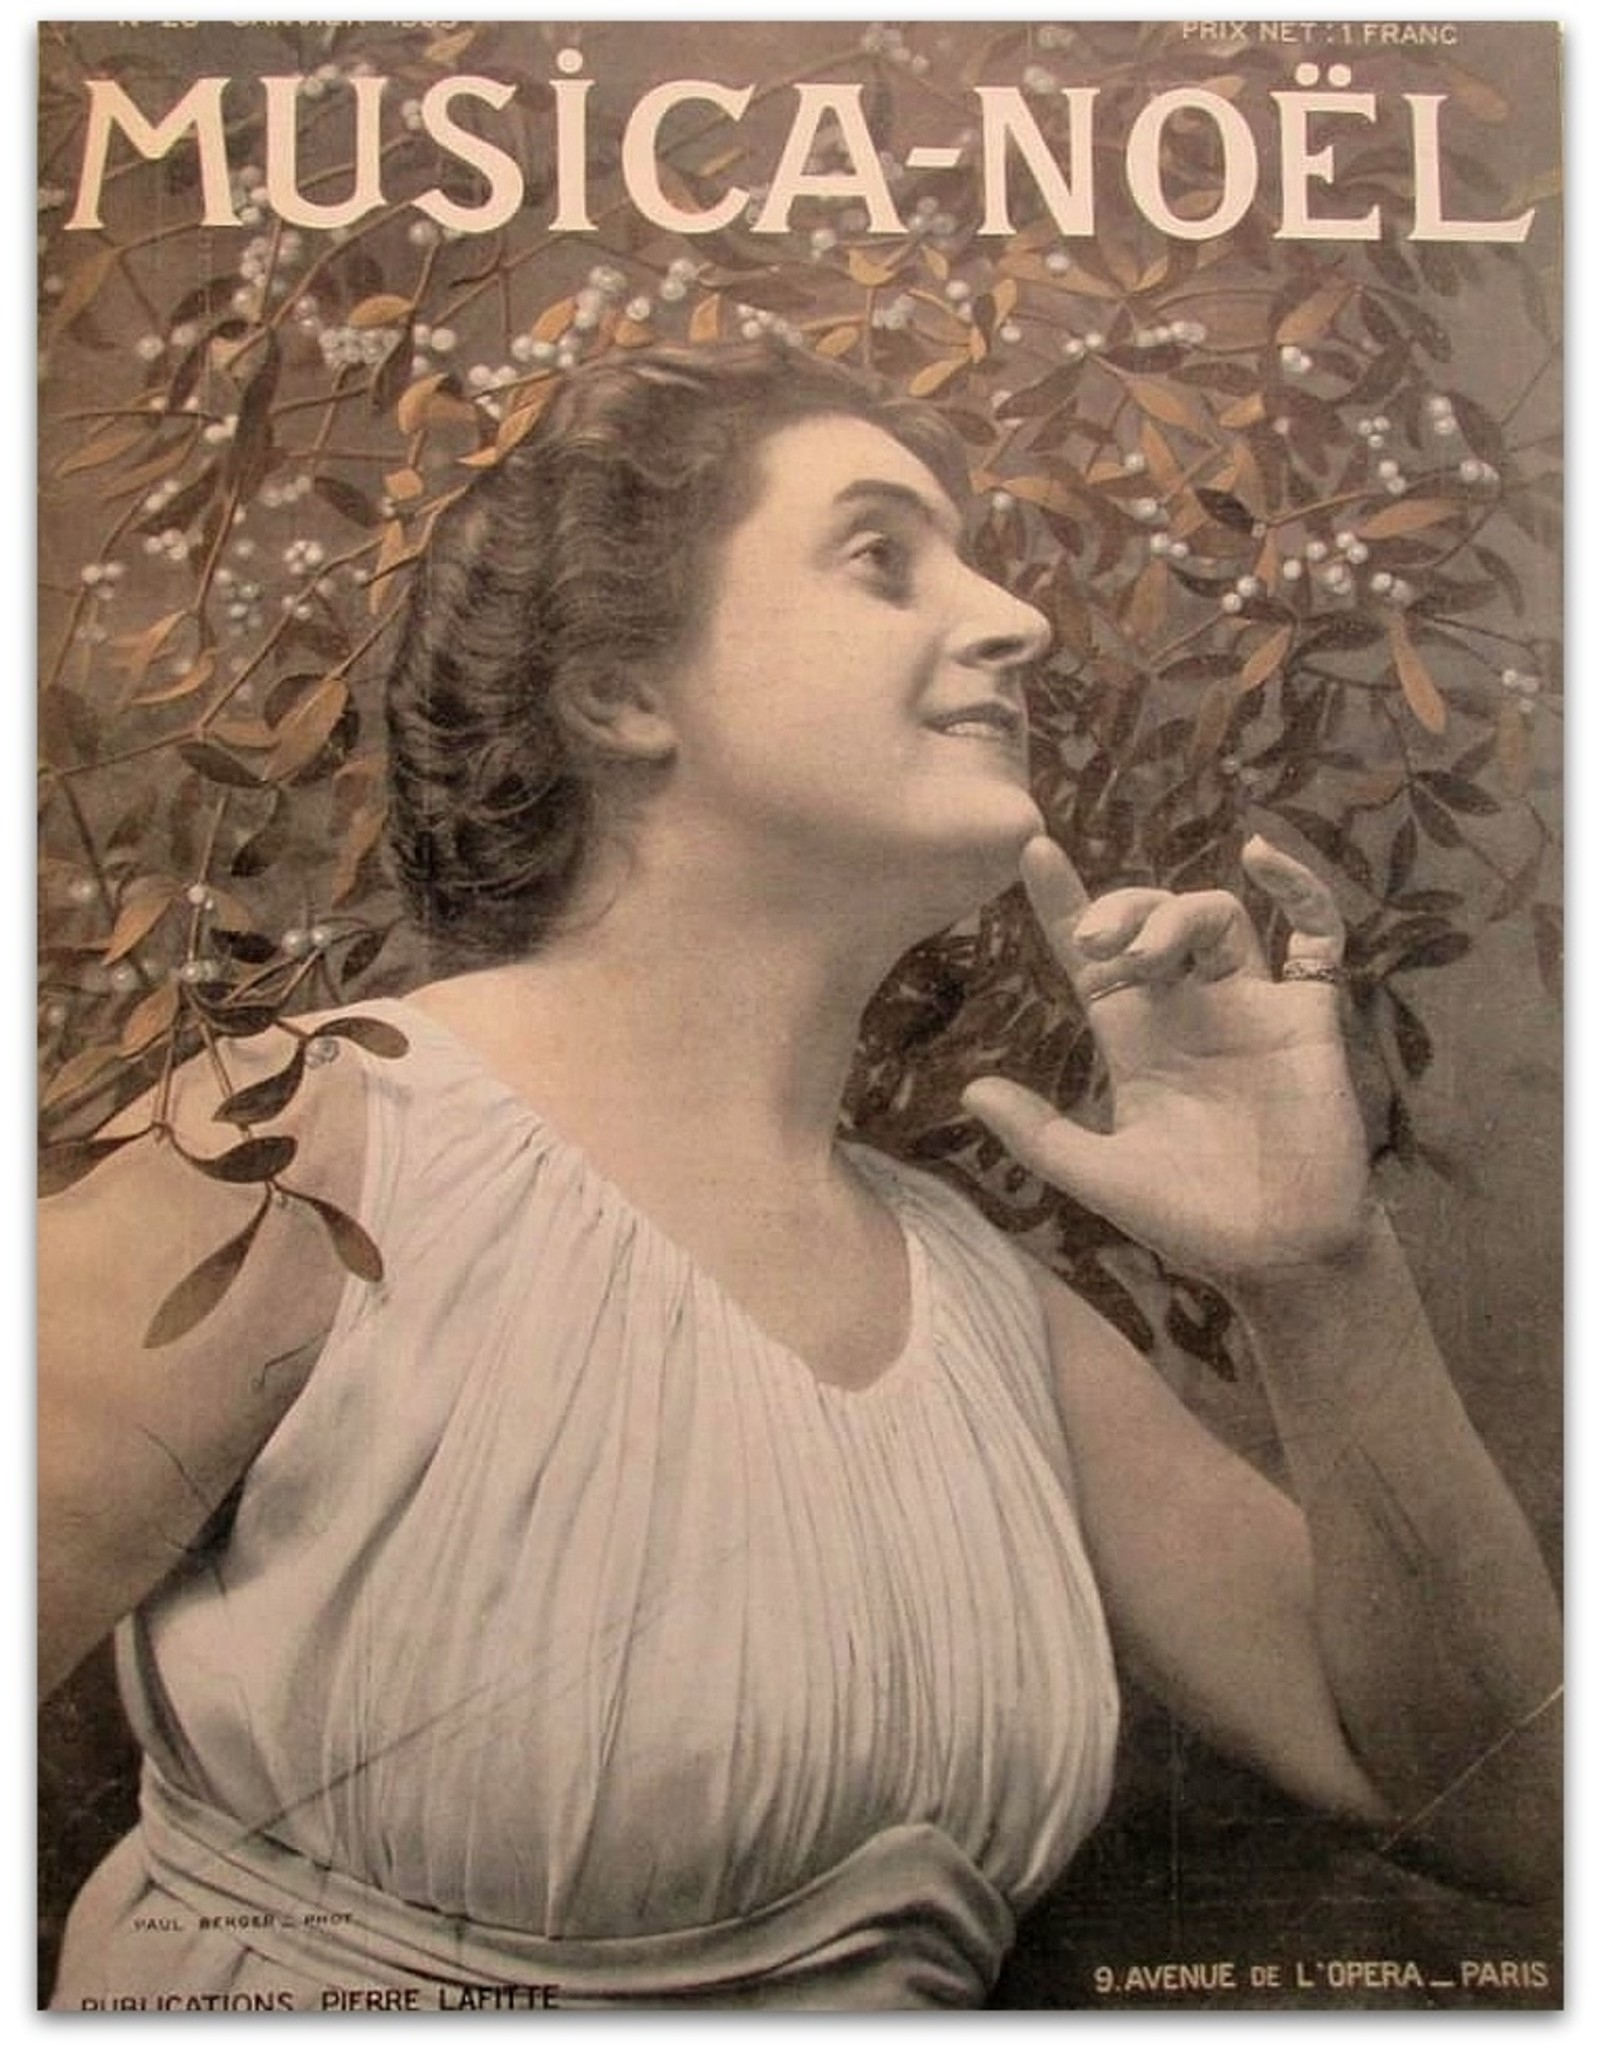 [Sarah Bernhardt] - Musica [Quatrième année 1905: Janvier No. 28 t/m Décembre No. 39]